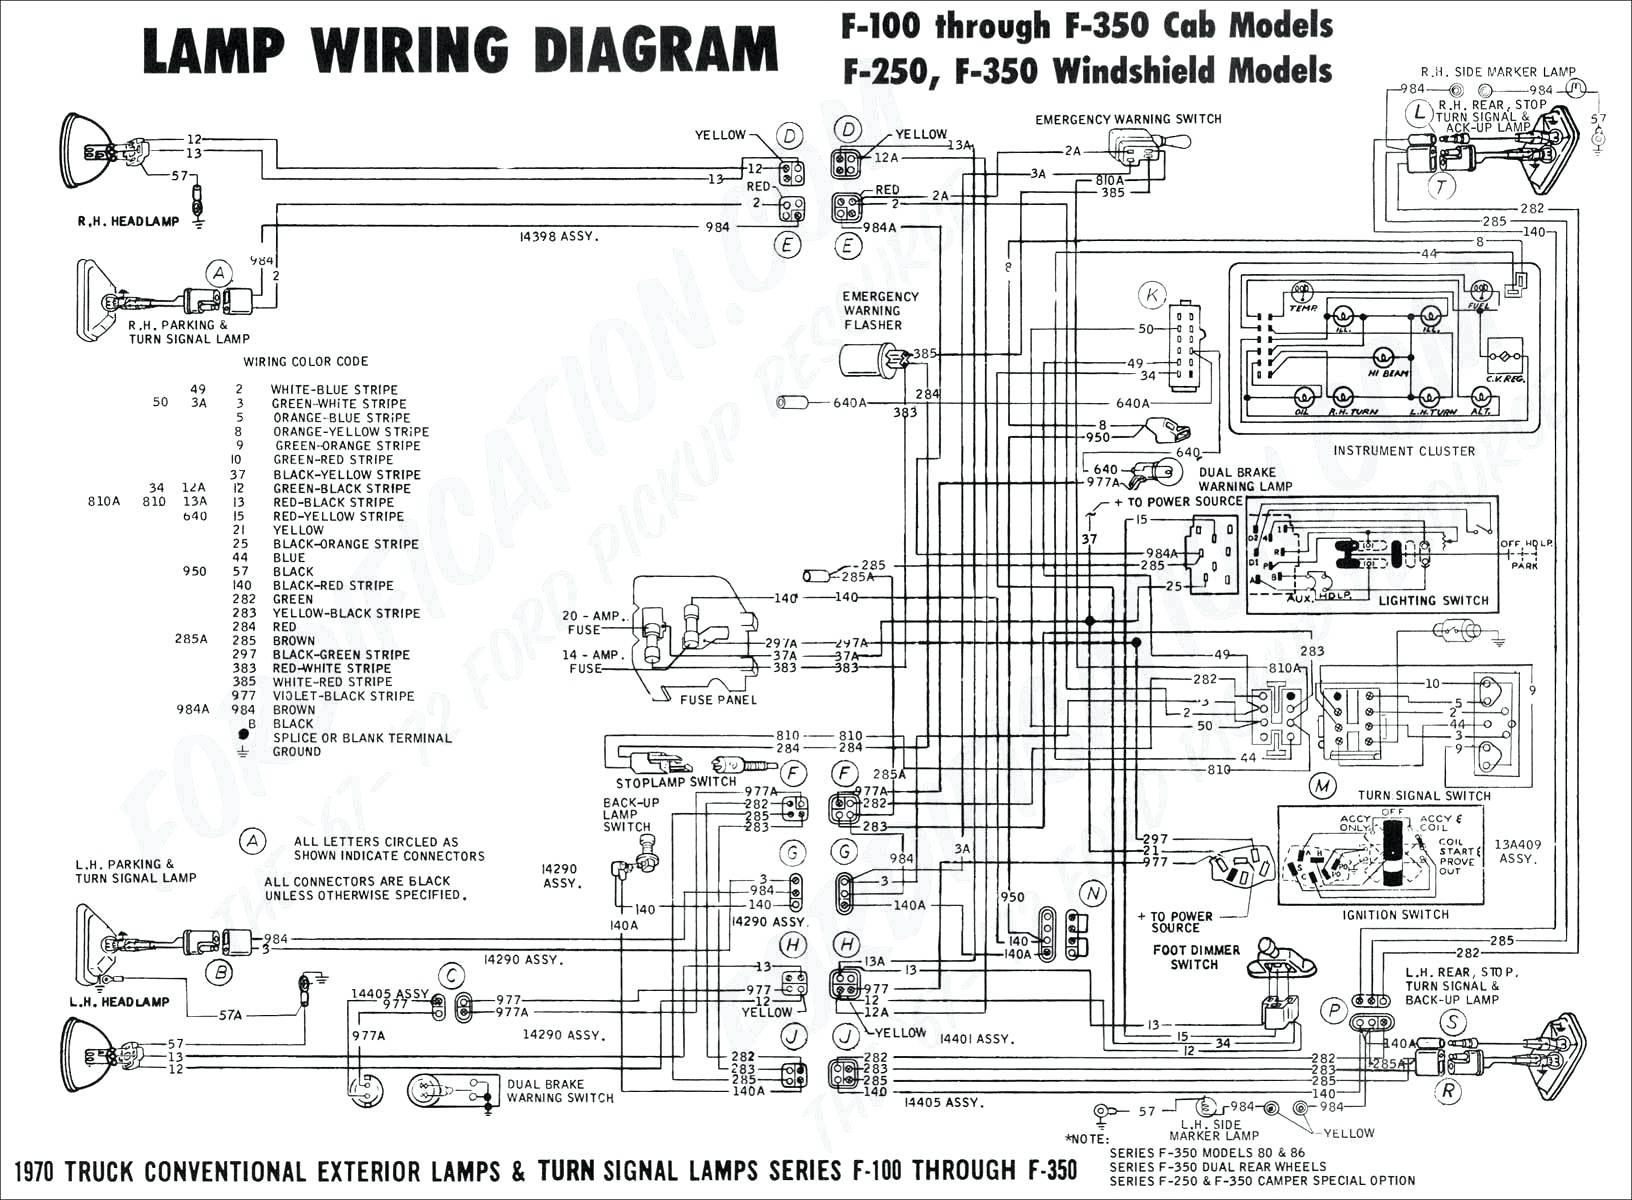 2003 dodge ram 2500 trailer wiring diagram thread 2005 dodge ram wiring diagram wire center u2022 rh inspeere co 1c